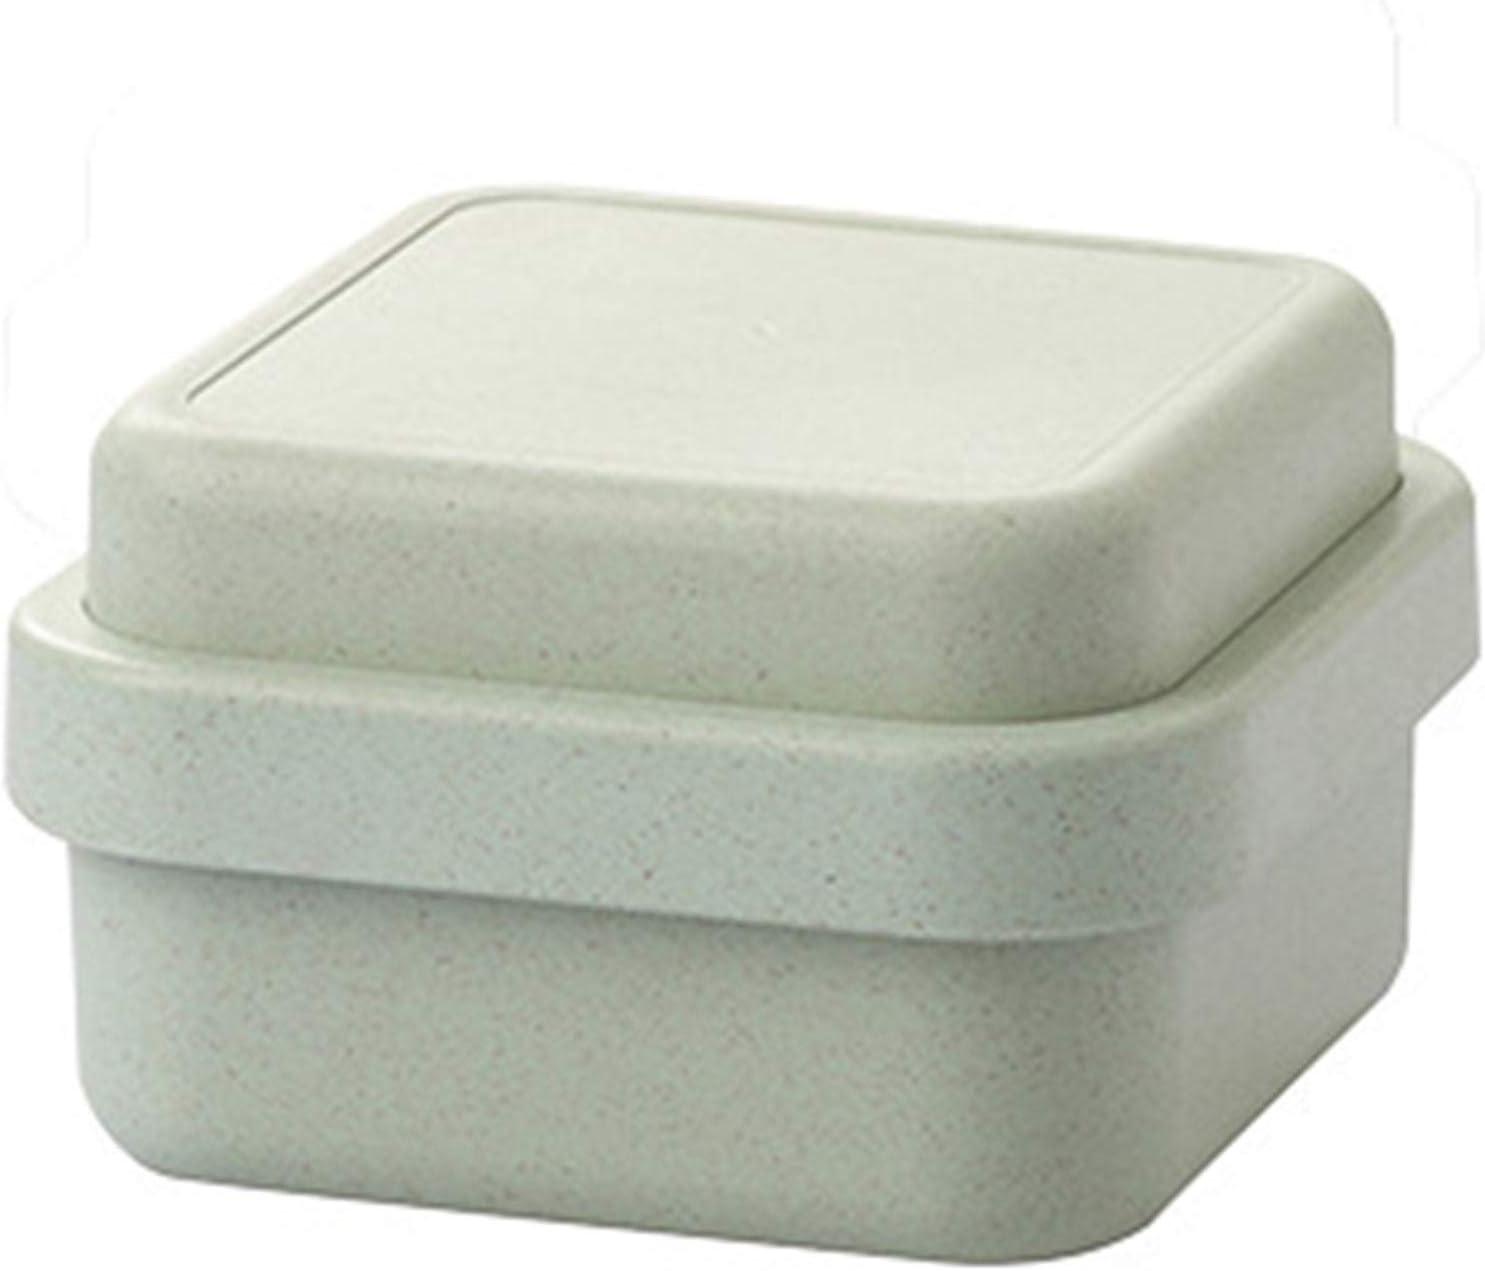 cyg Fiambrera, Multifunción Caja de Almuerzo Fibra de Bambu Lunch Box Bento Box para Microondas y Lavavajillas para Comida Caliente, Comida Caja de Bento